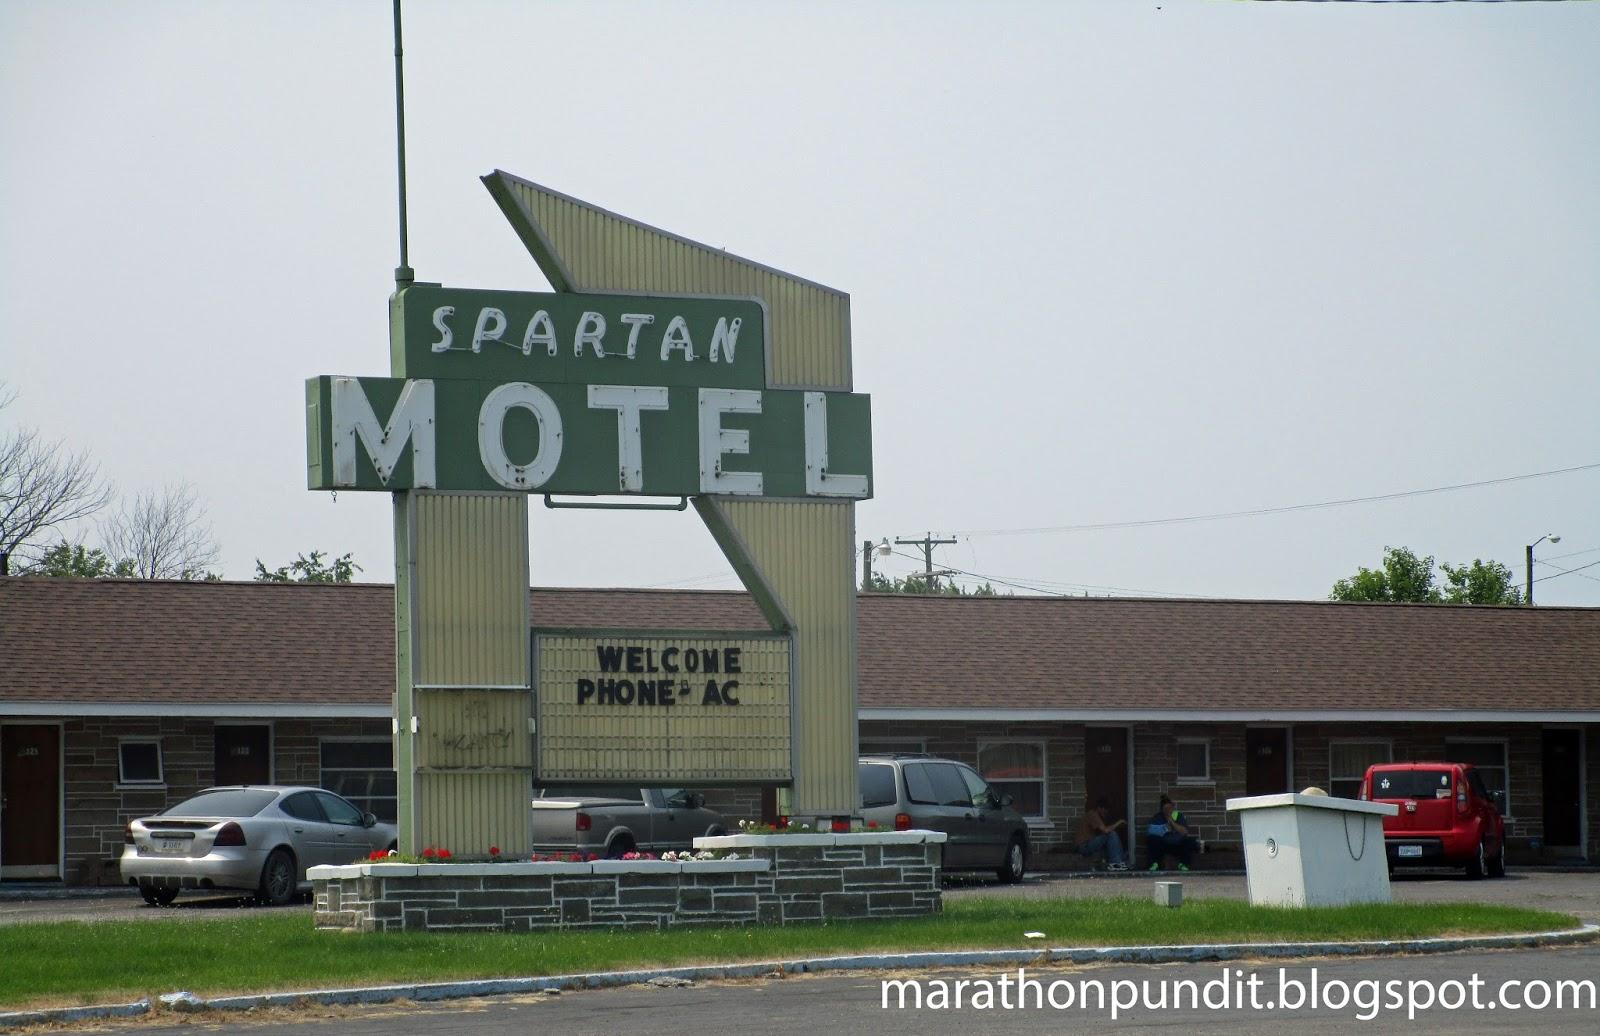 Marathon Pundit Photo Spartan Motel In Three Rivers Michigan Front Desk Hotel Exterior